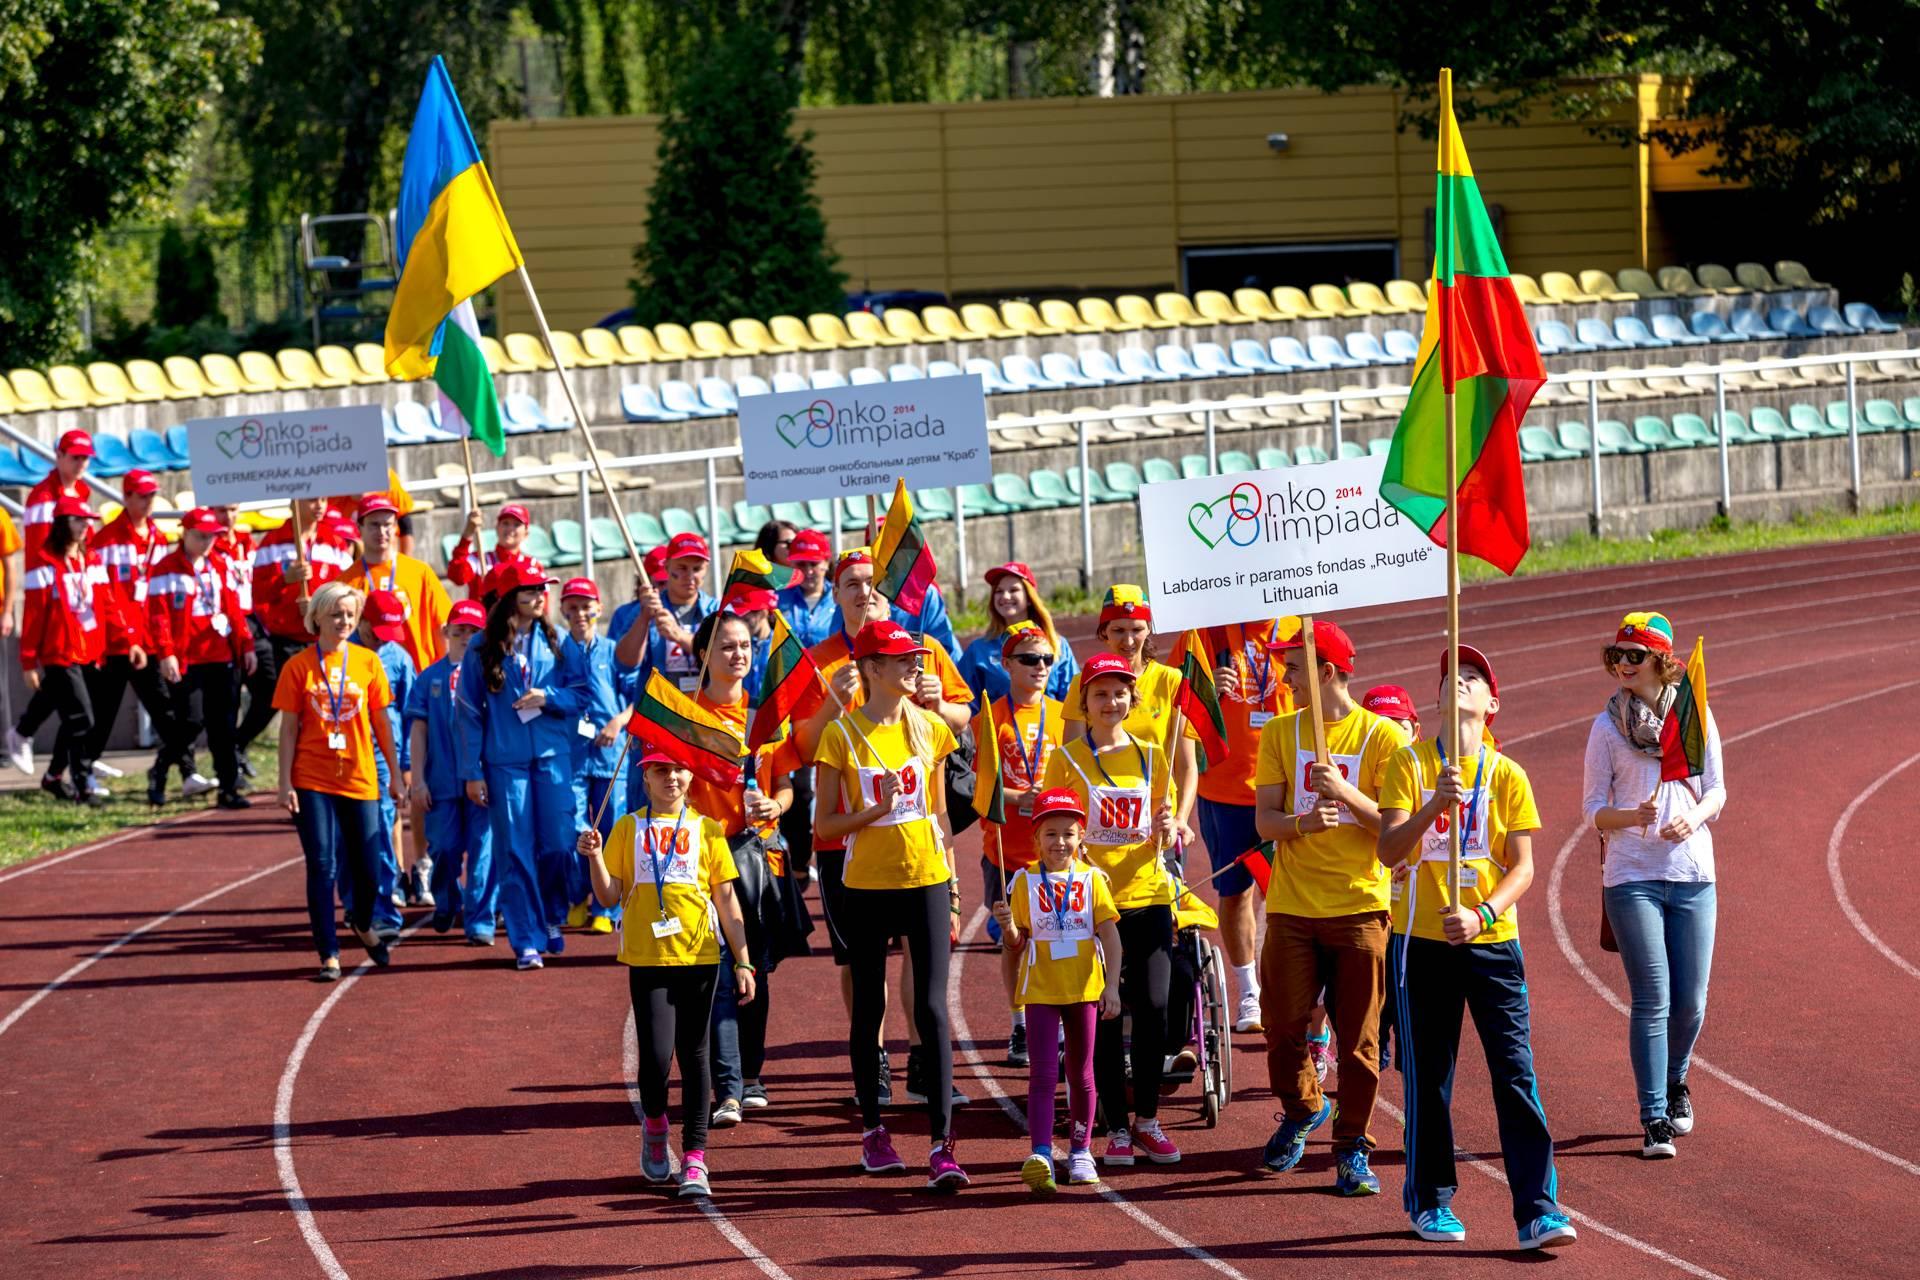 Onko-Olimpiada 2014_2